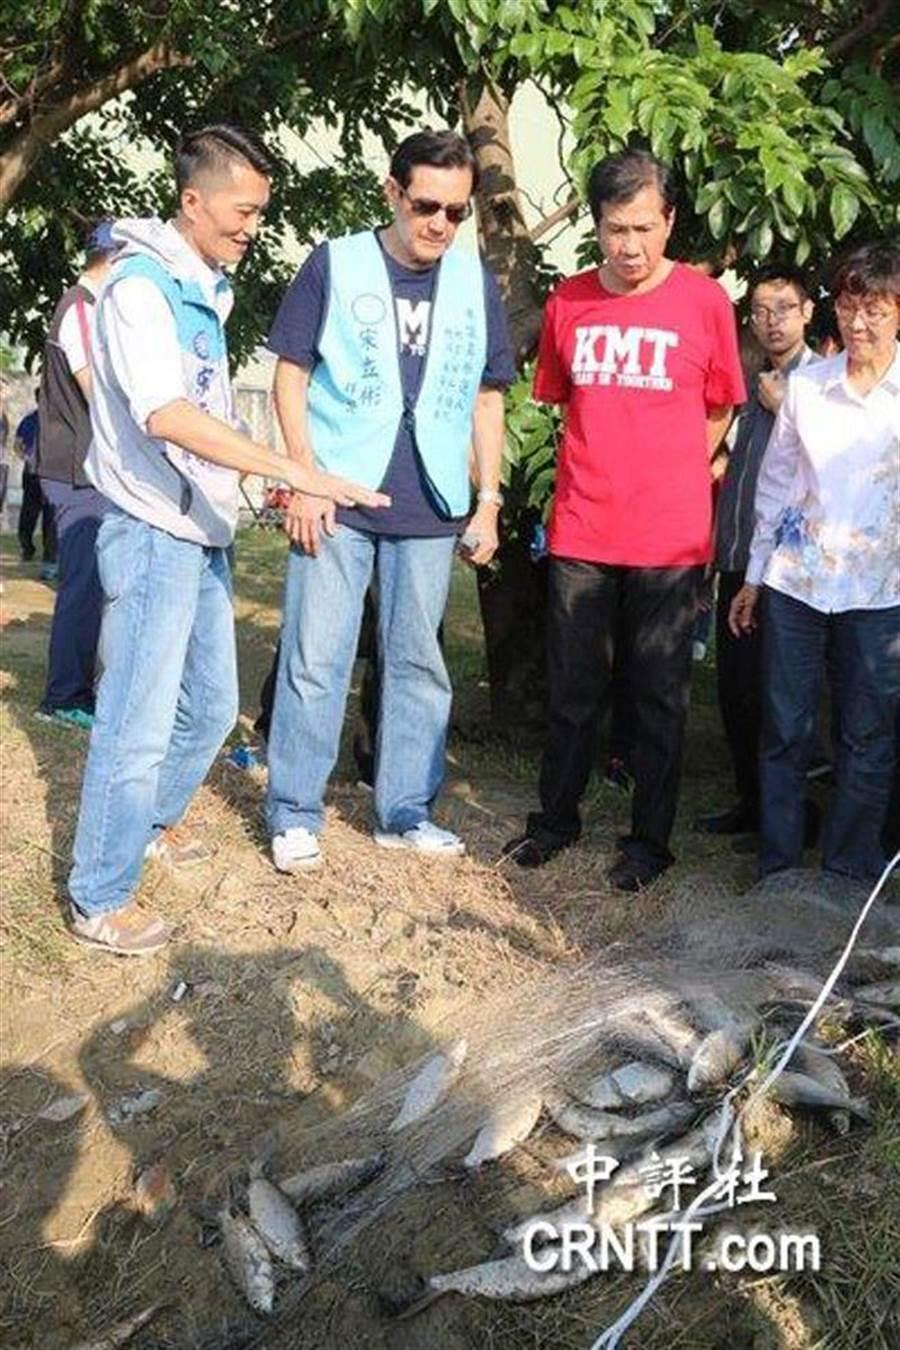 馬英九下午到高雄梓官區蚵仔寮附近的養殖魚塭了解養殖水產業現況。(取自中評社)